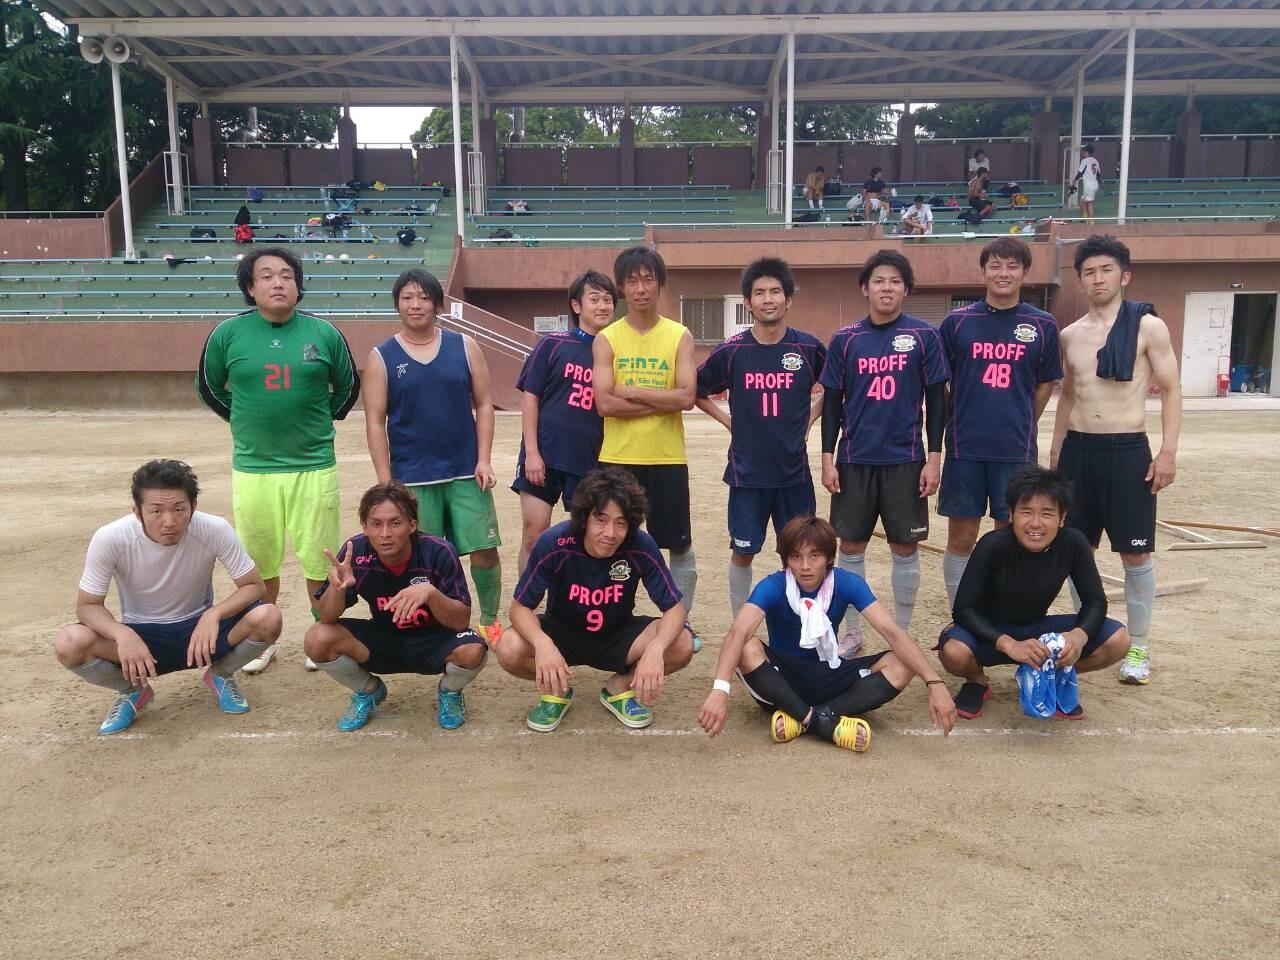 2014/8/24 久宝寺緑地陸上競技場 vs FC西宮 vs アスペガス生駒